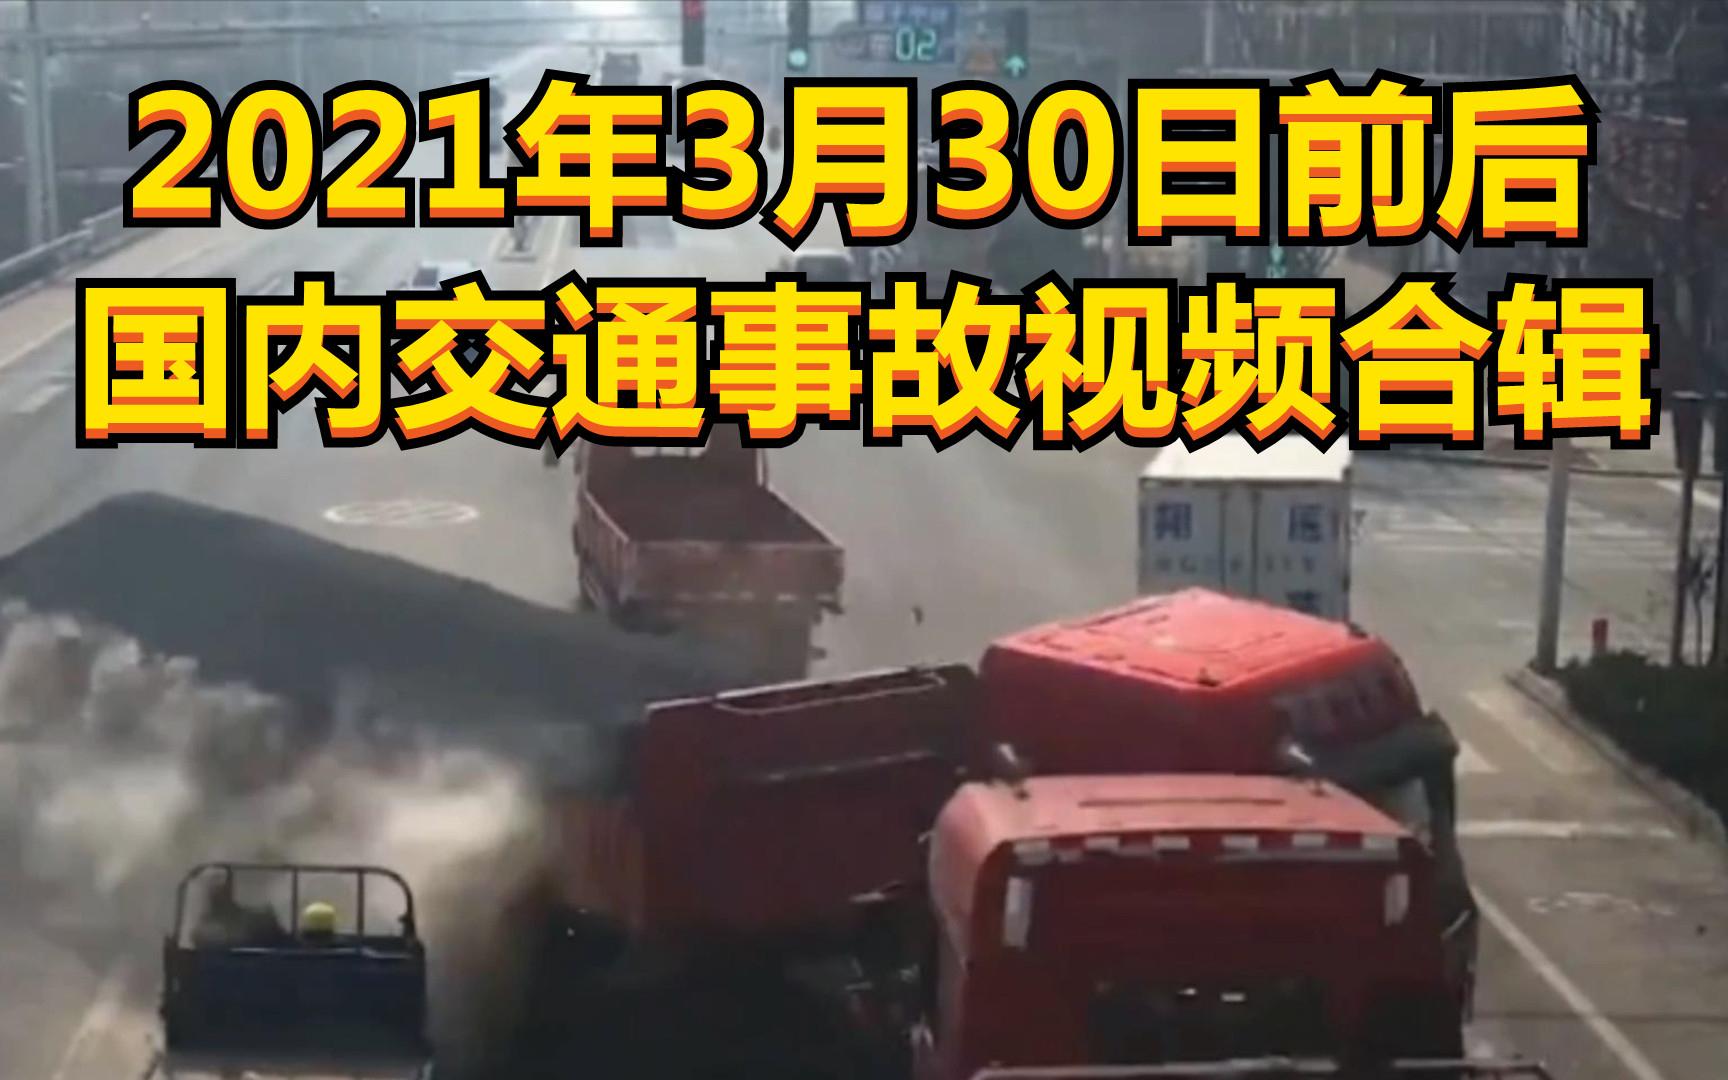 2021年3月30日前后国内交通事故视频合辑